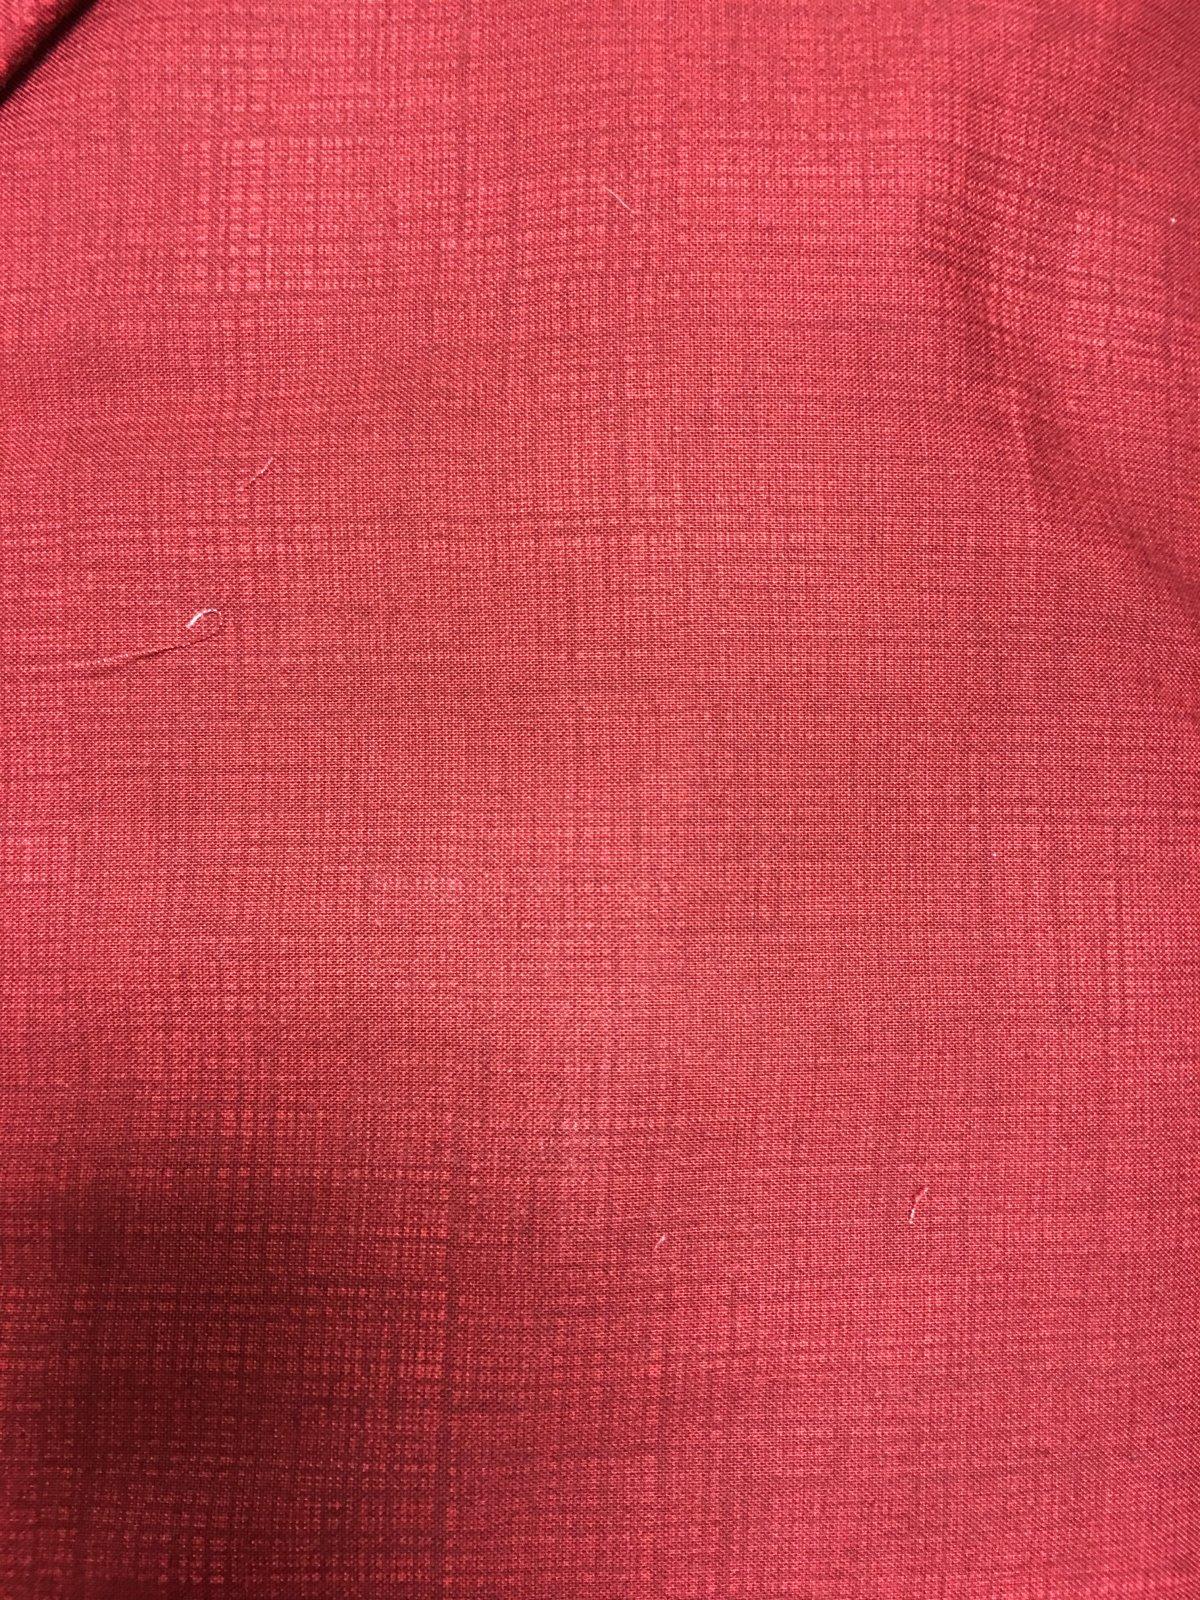 Red Tonal Print 31241-30